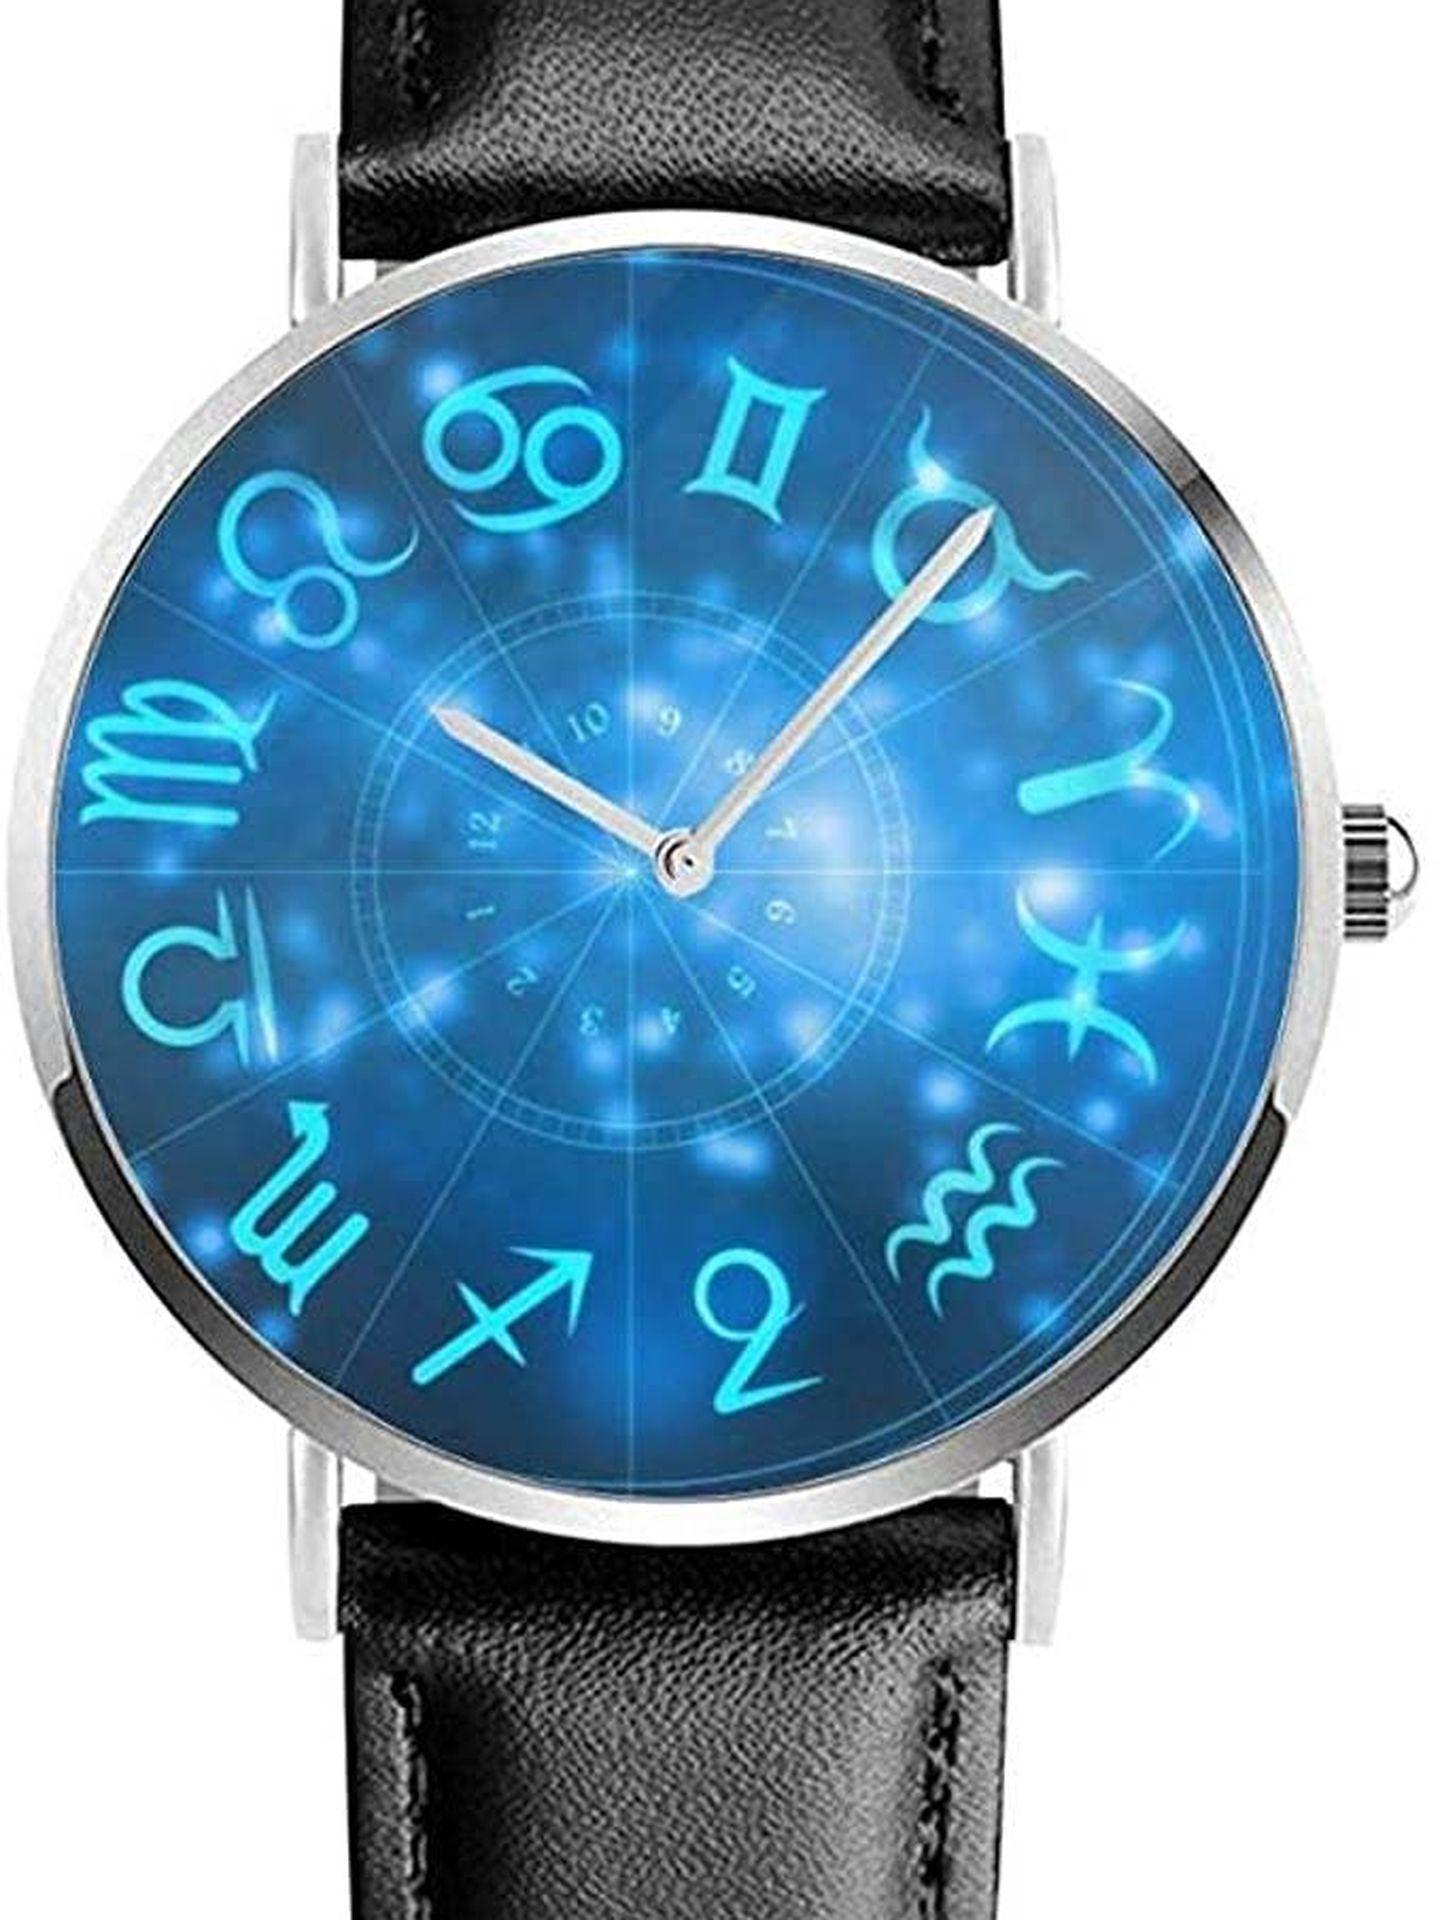 Reloj, de Rea-Shop